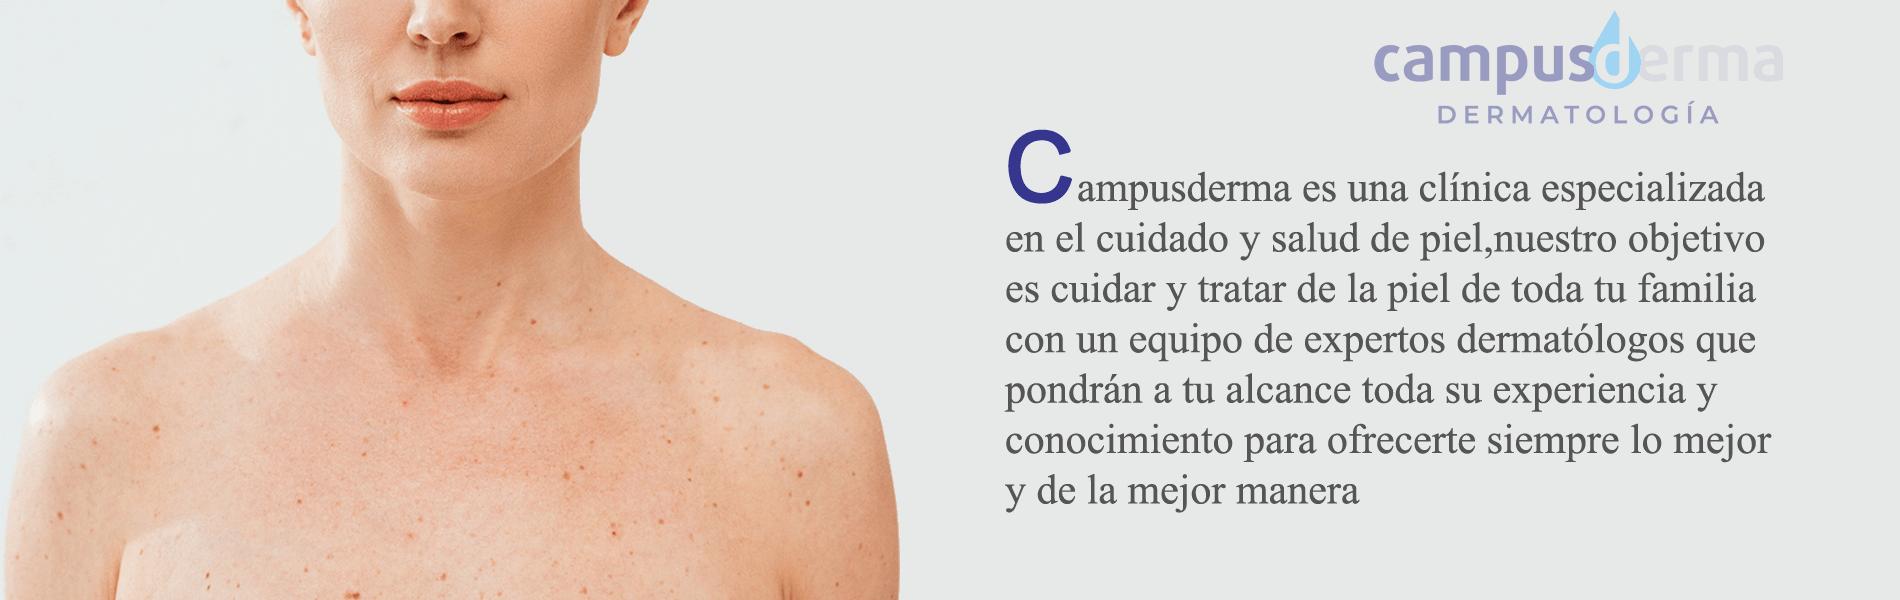 dermatologo valencia campusderma